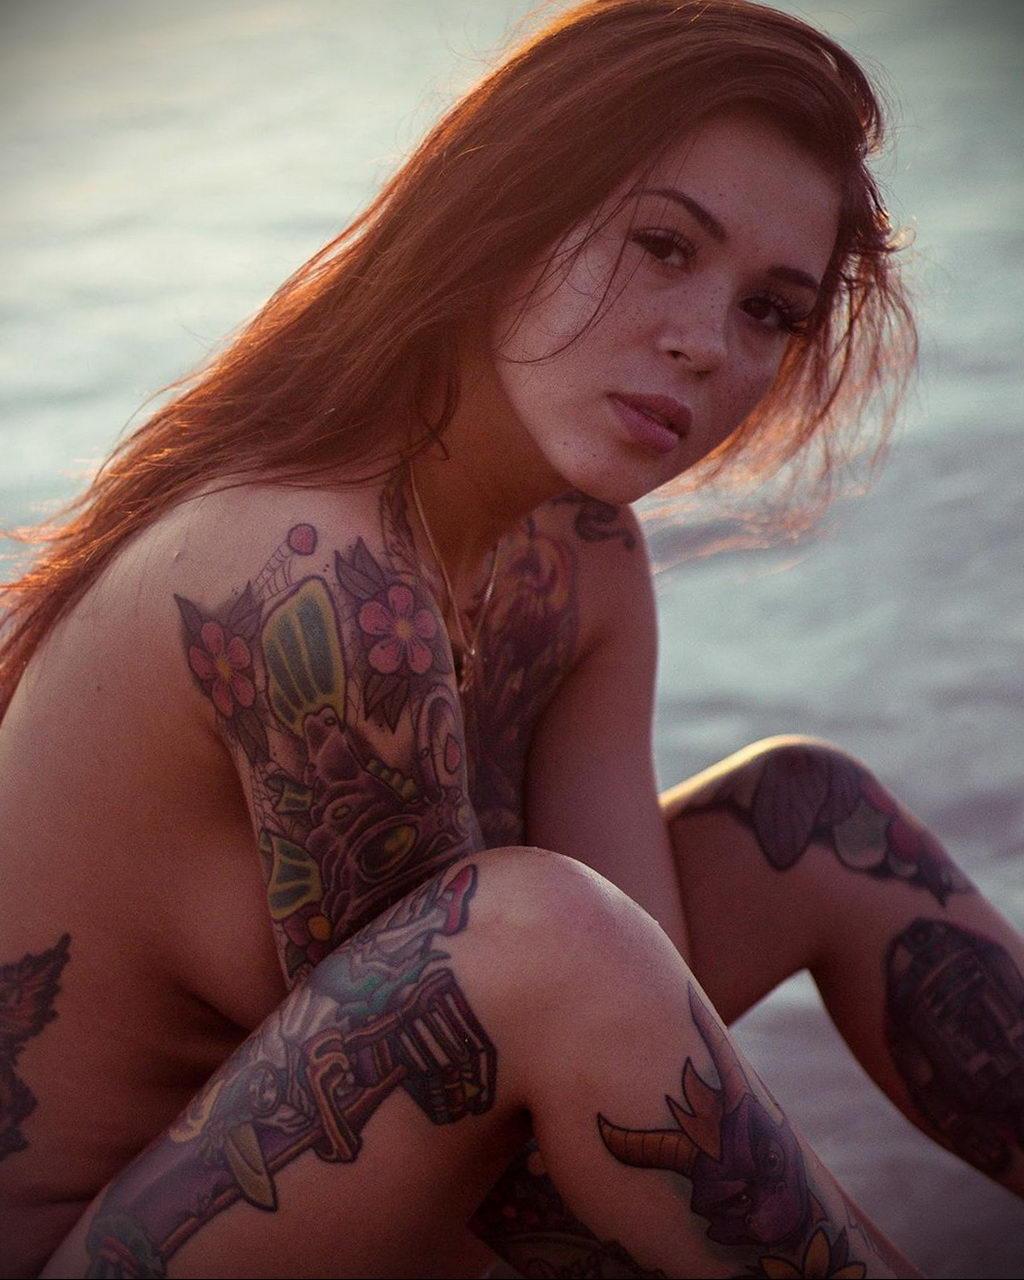 Работа для девушки с татуировками девушка девушка модель работа китай